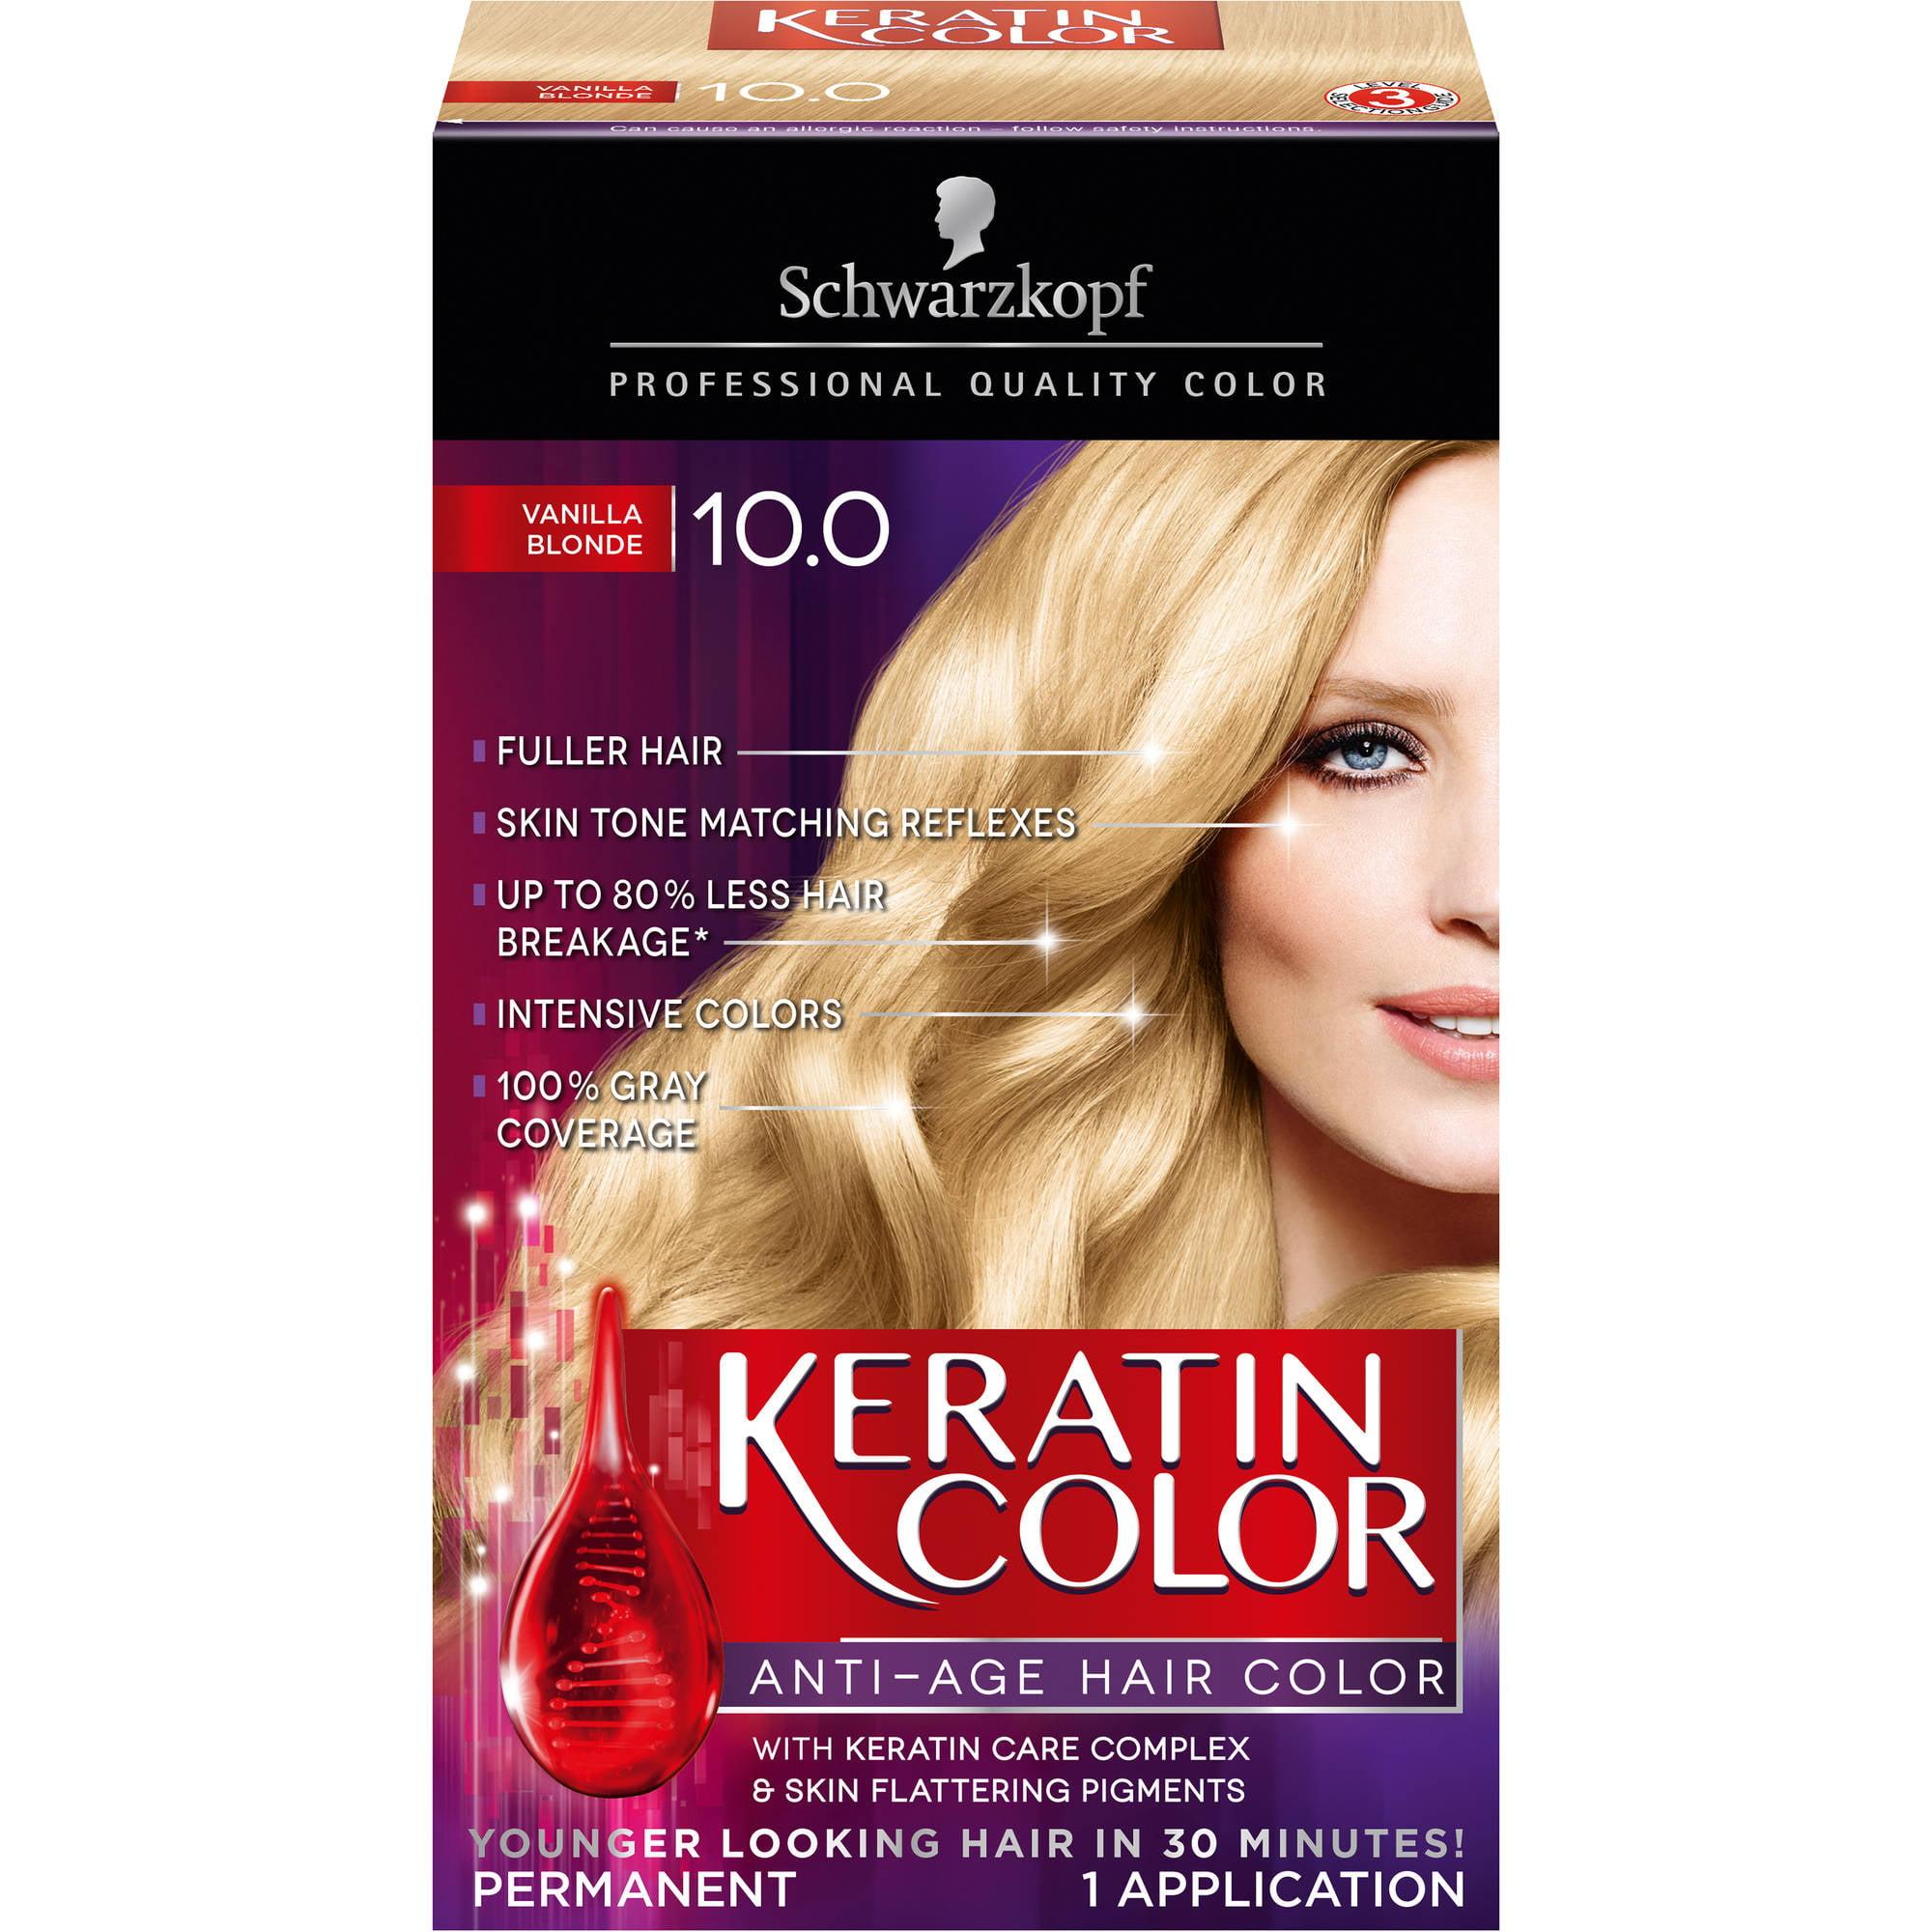 dermmatch - instant concealer for thin hair - walmart